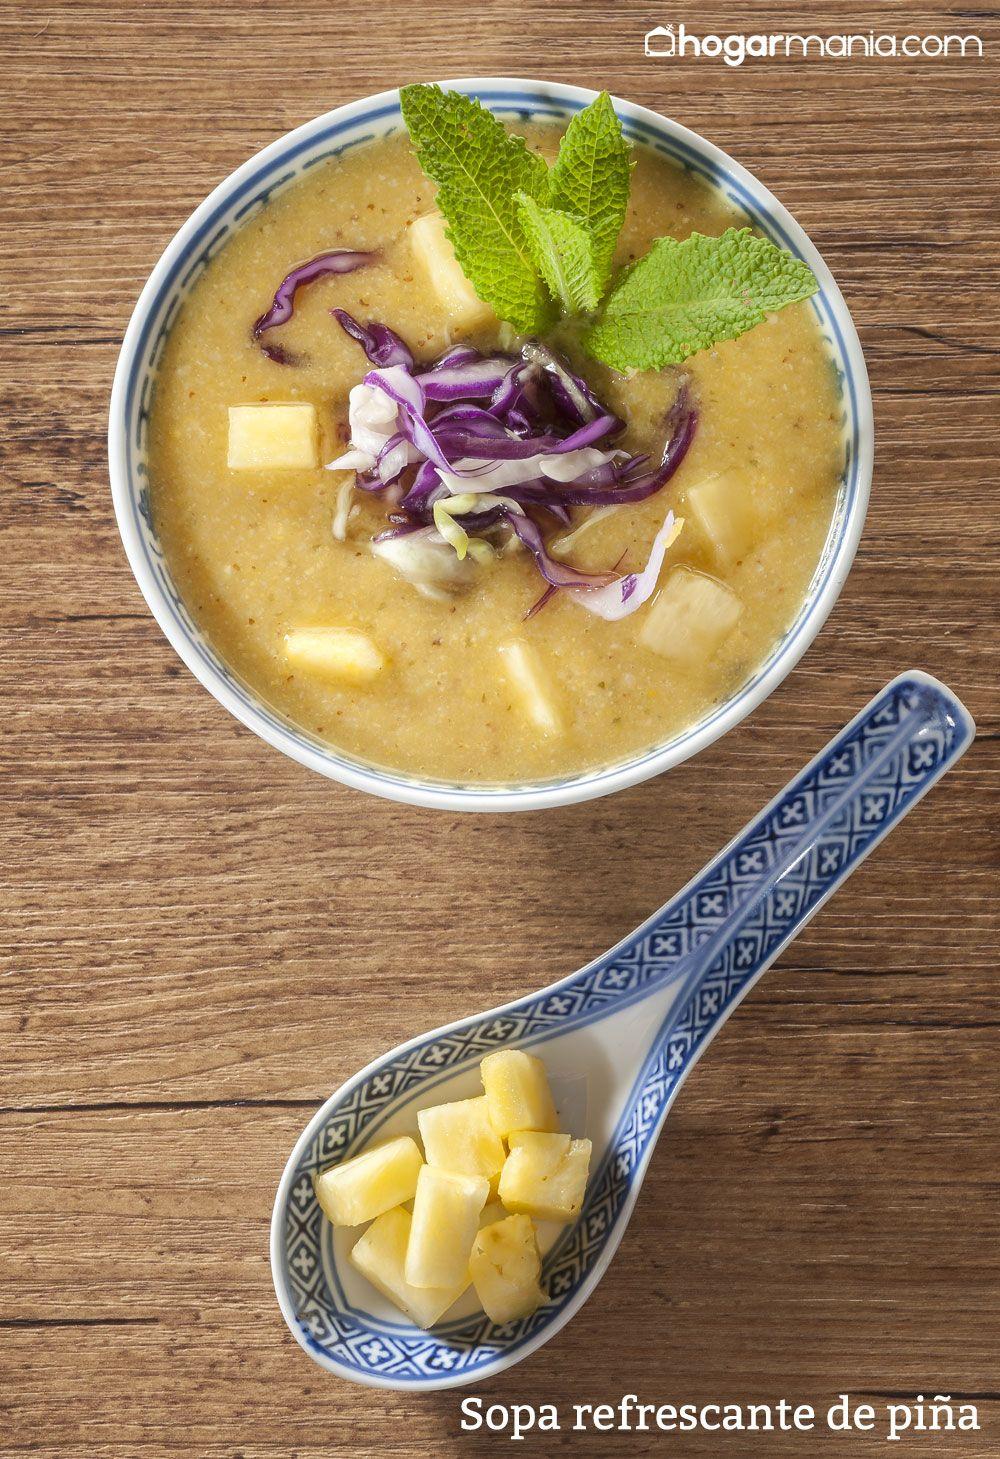 Sopa refrescante de piña